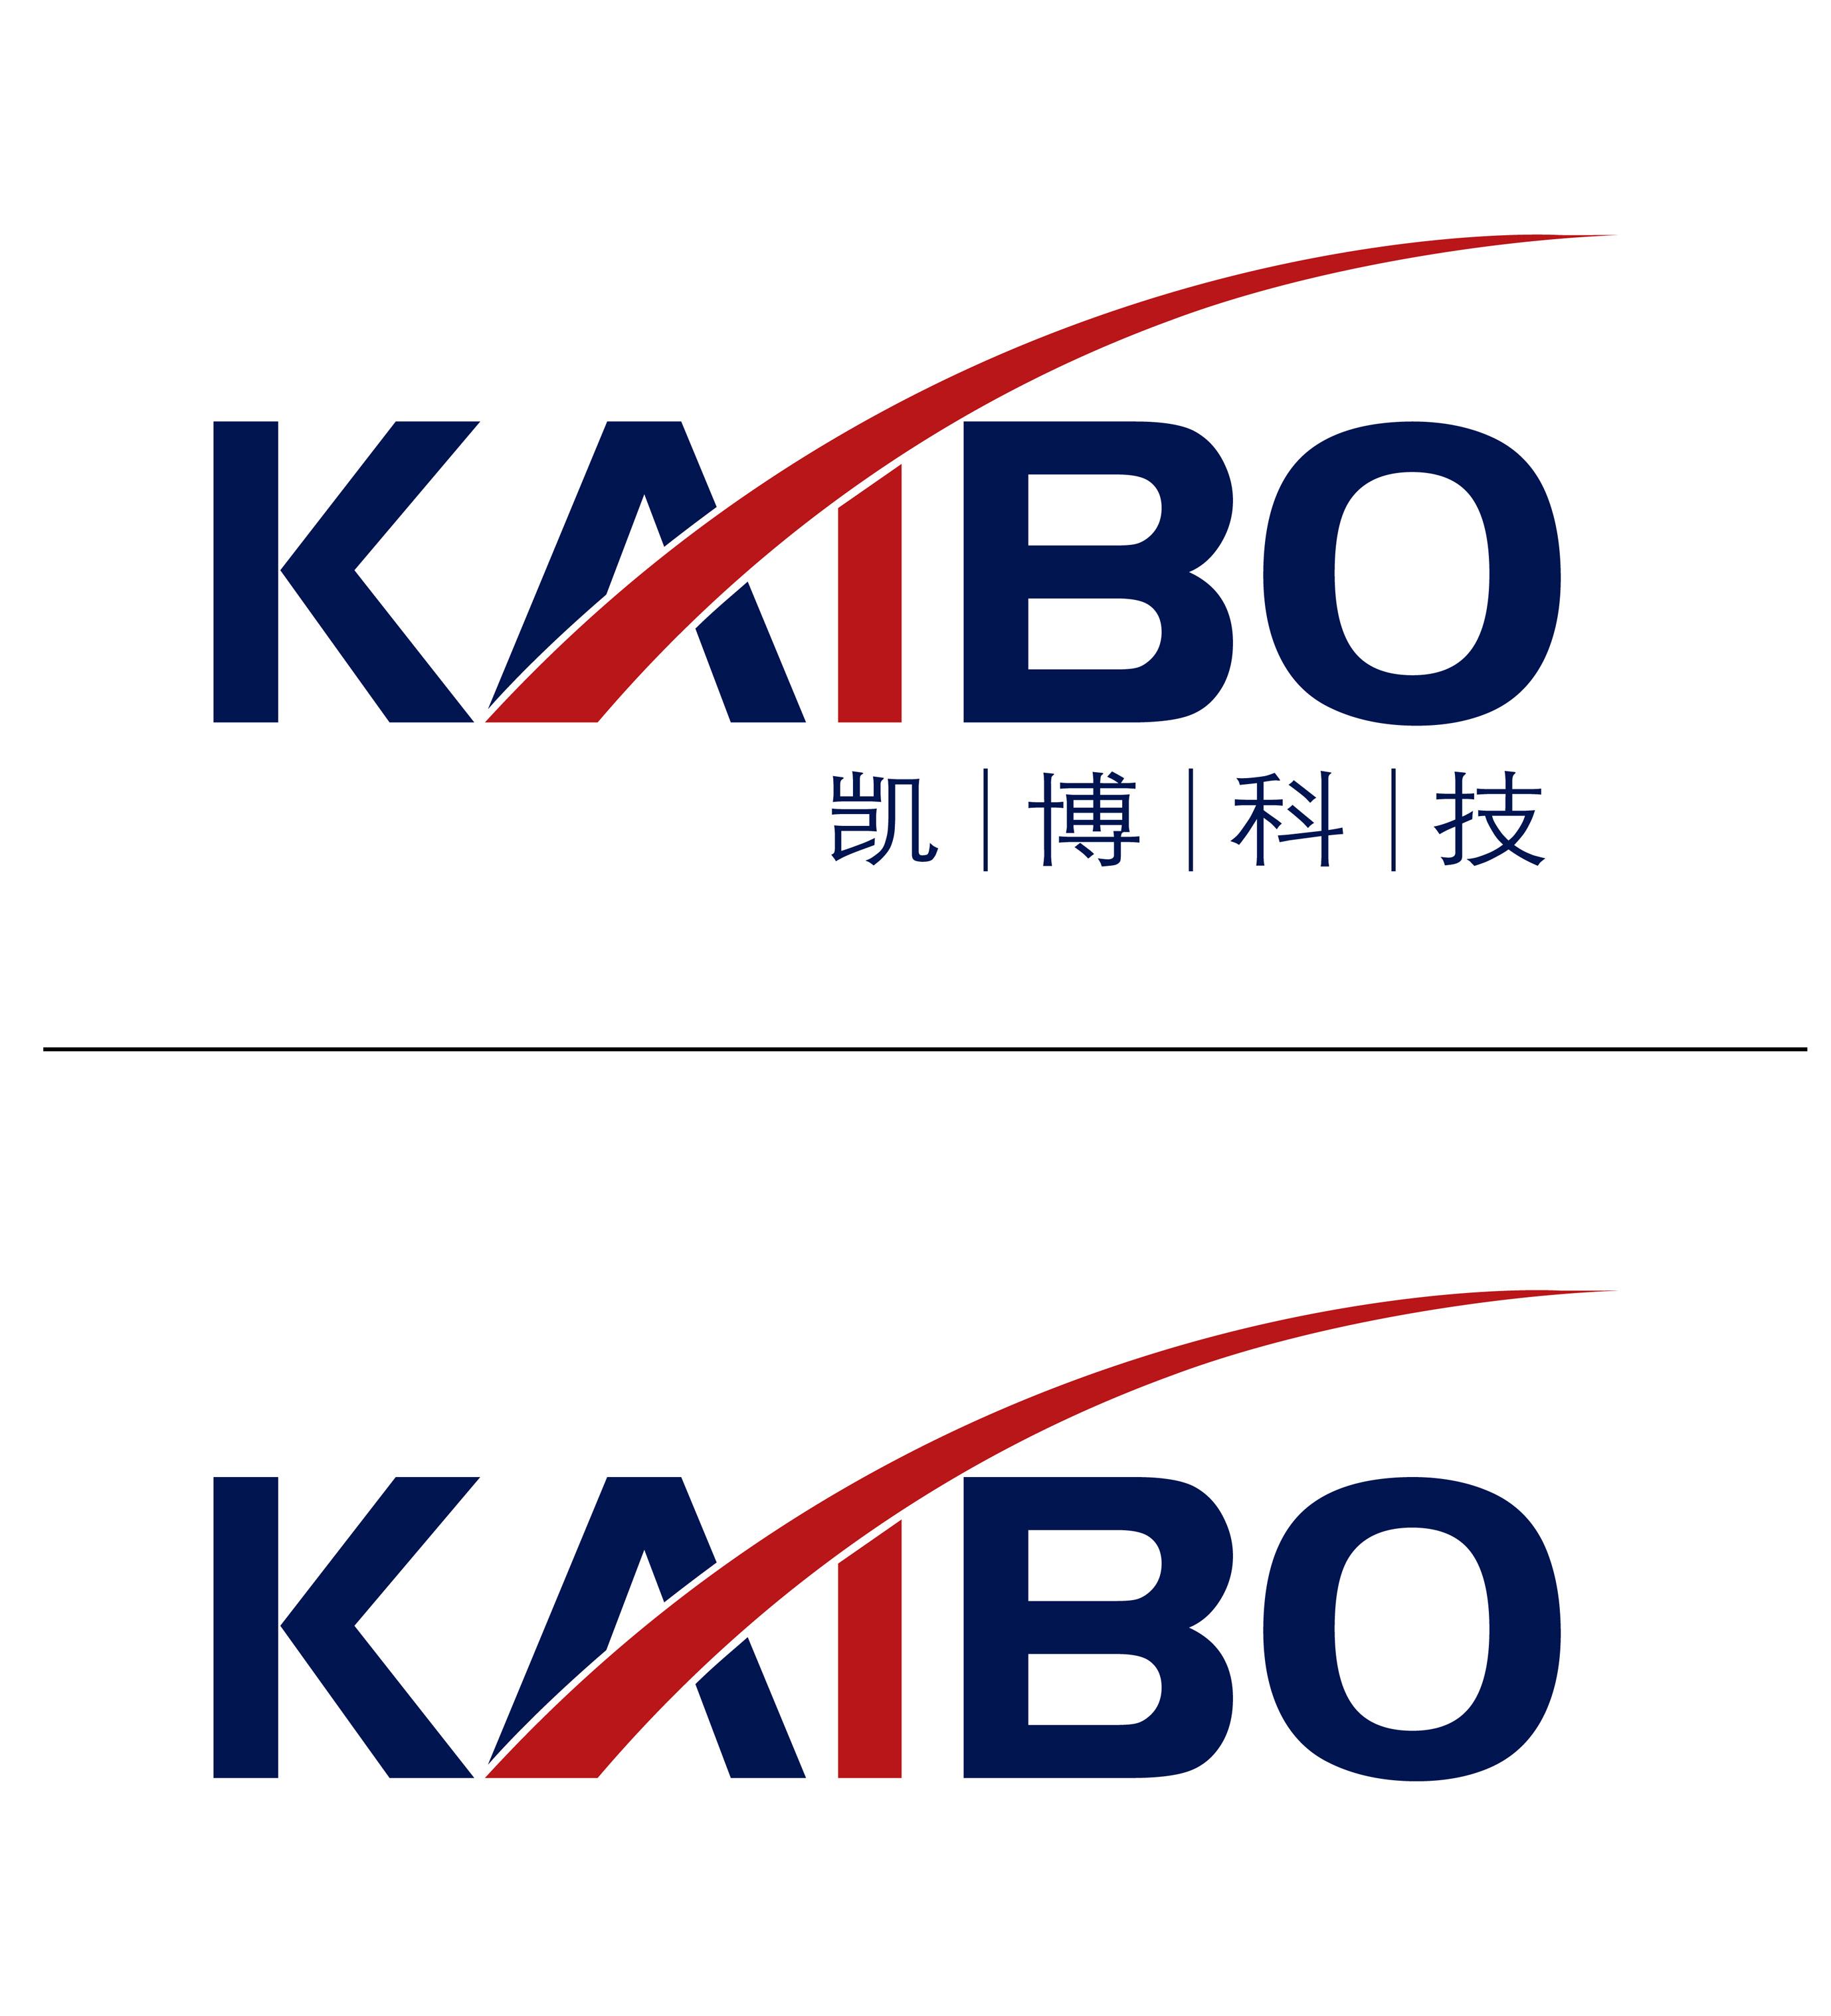 大連凱博科技發展有限公司